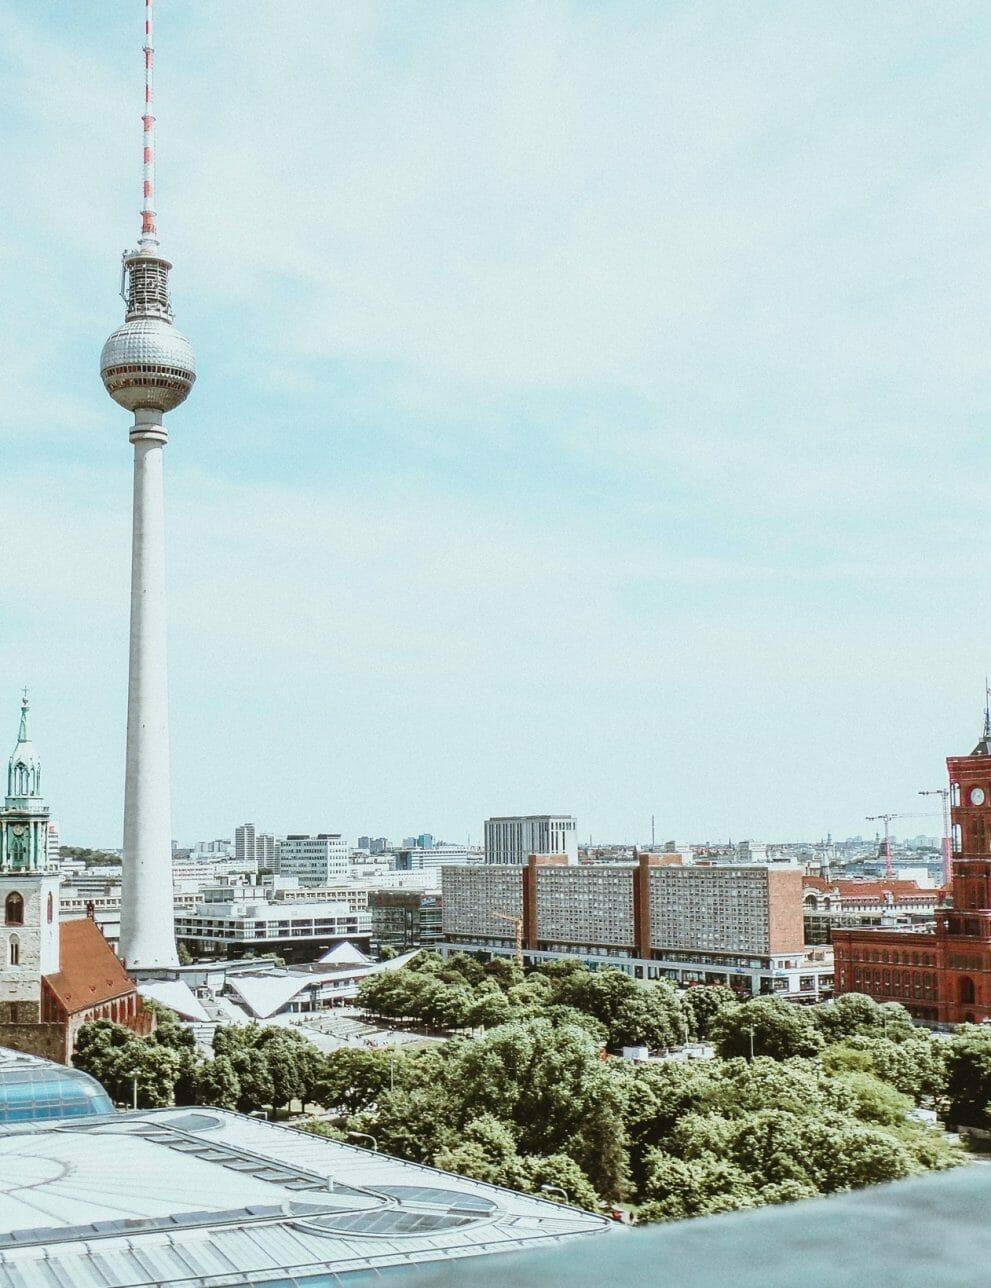 Klassenfahrt-Berlin-fernsehturm